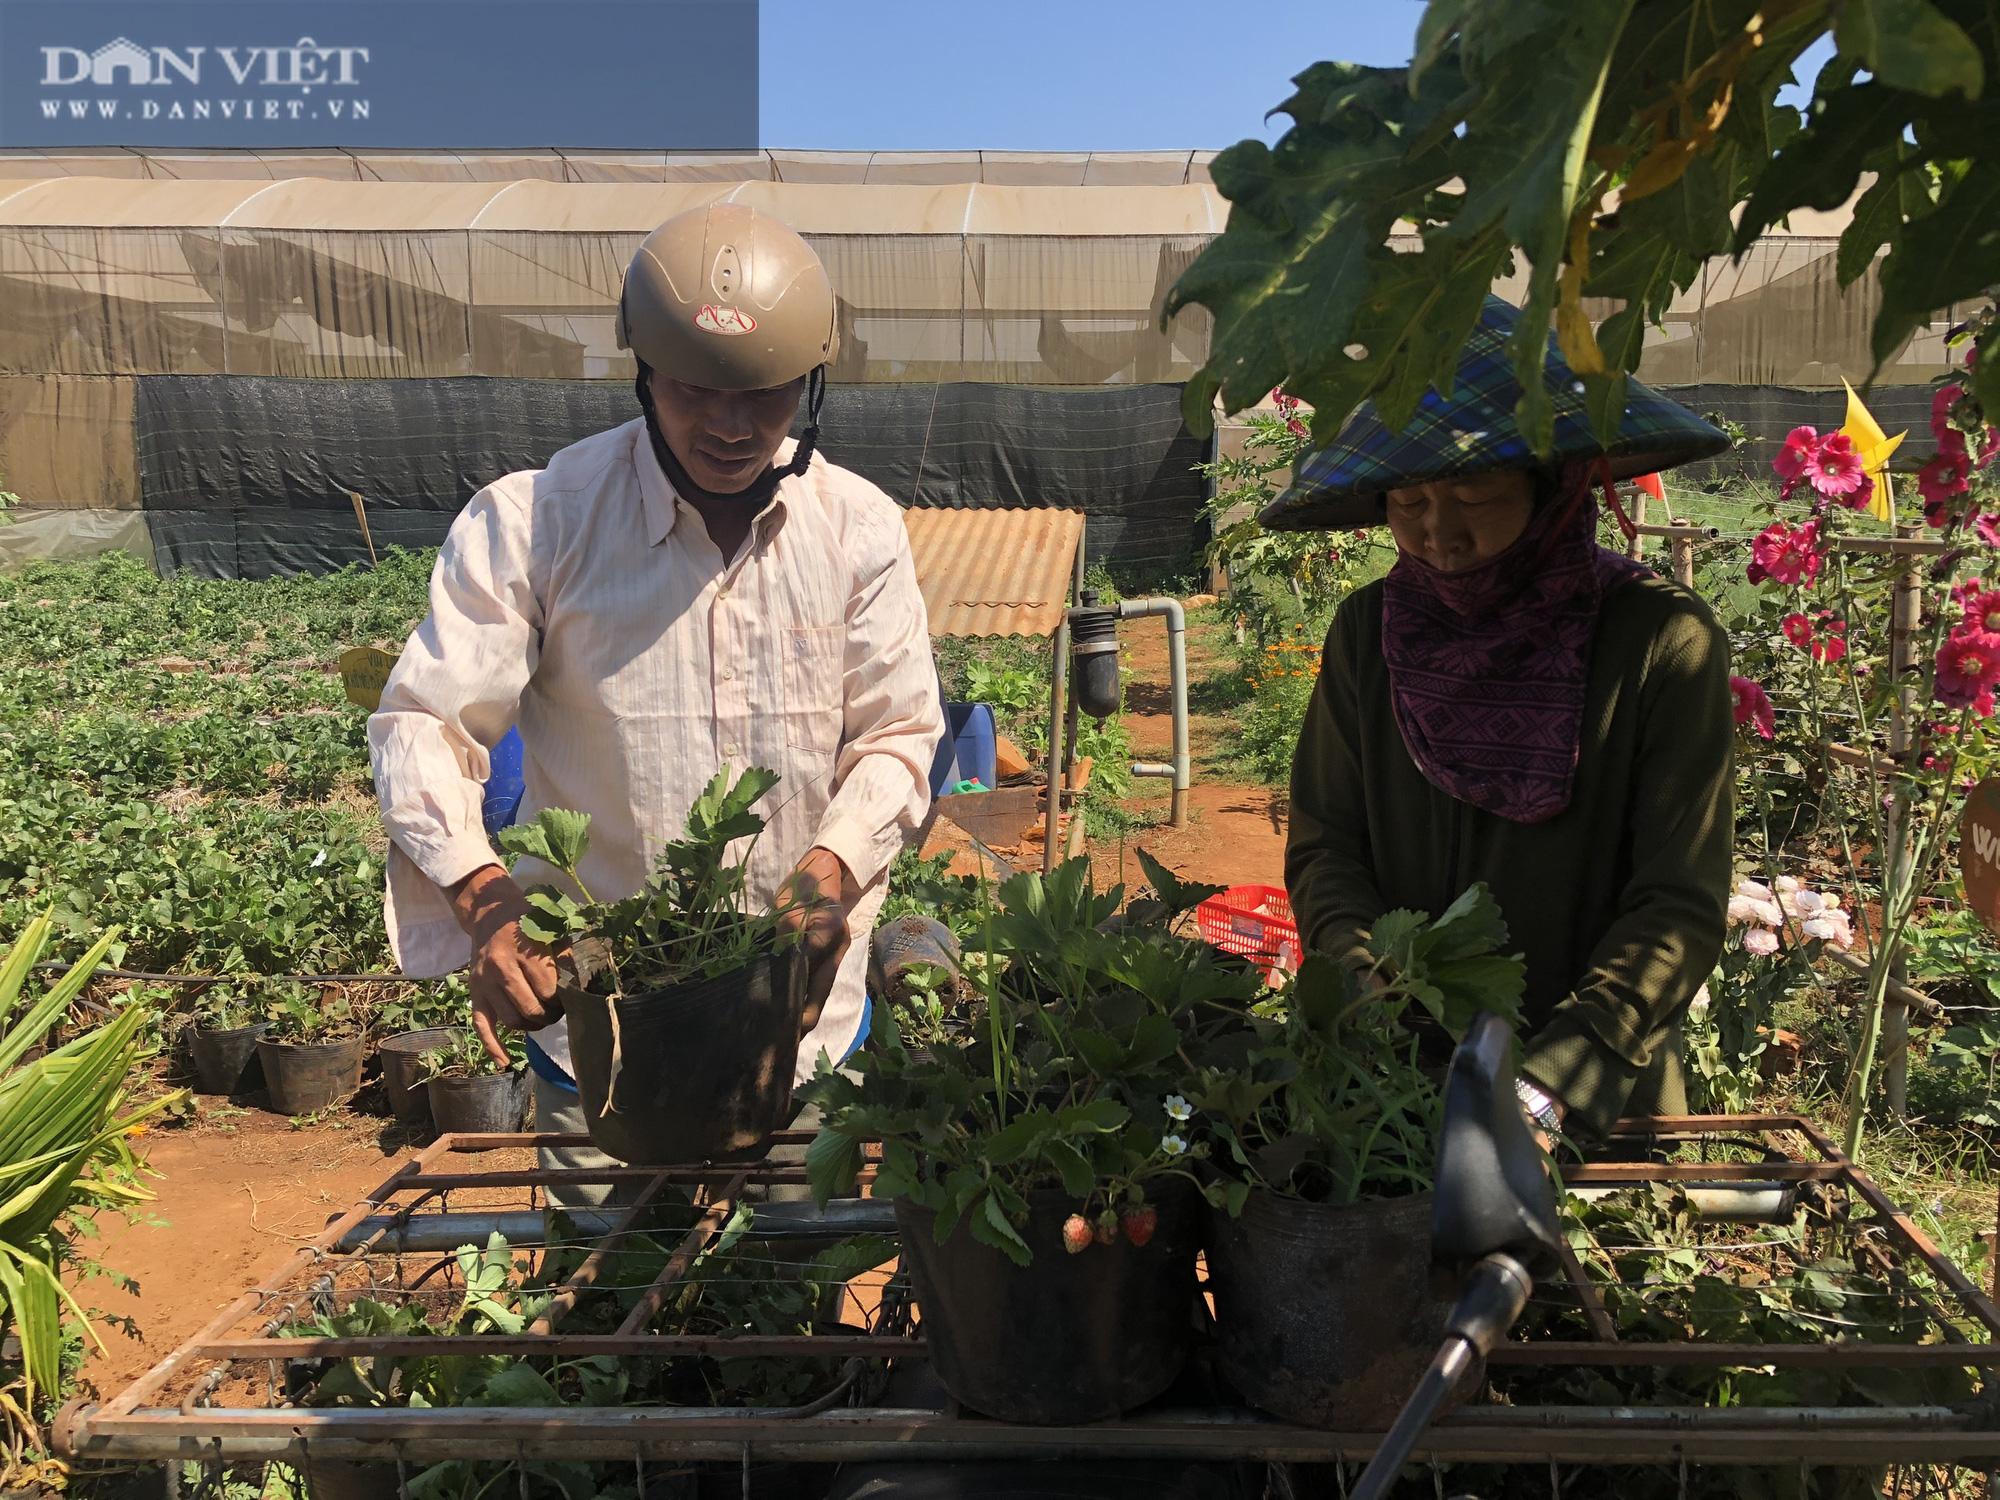 Kỹ sư 8X đánh liều trồng giống dâu lạ, làm 2 vụ đã thu hồi vốn đầu tư ban đầu - Ảnh 10.